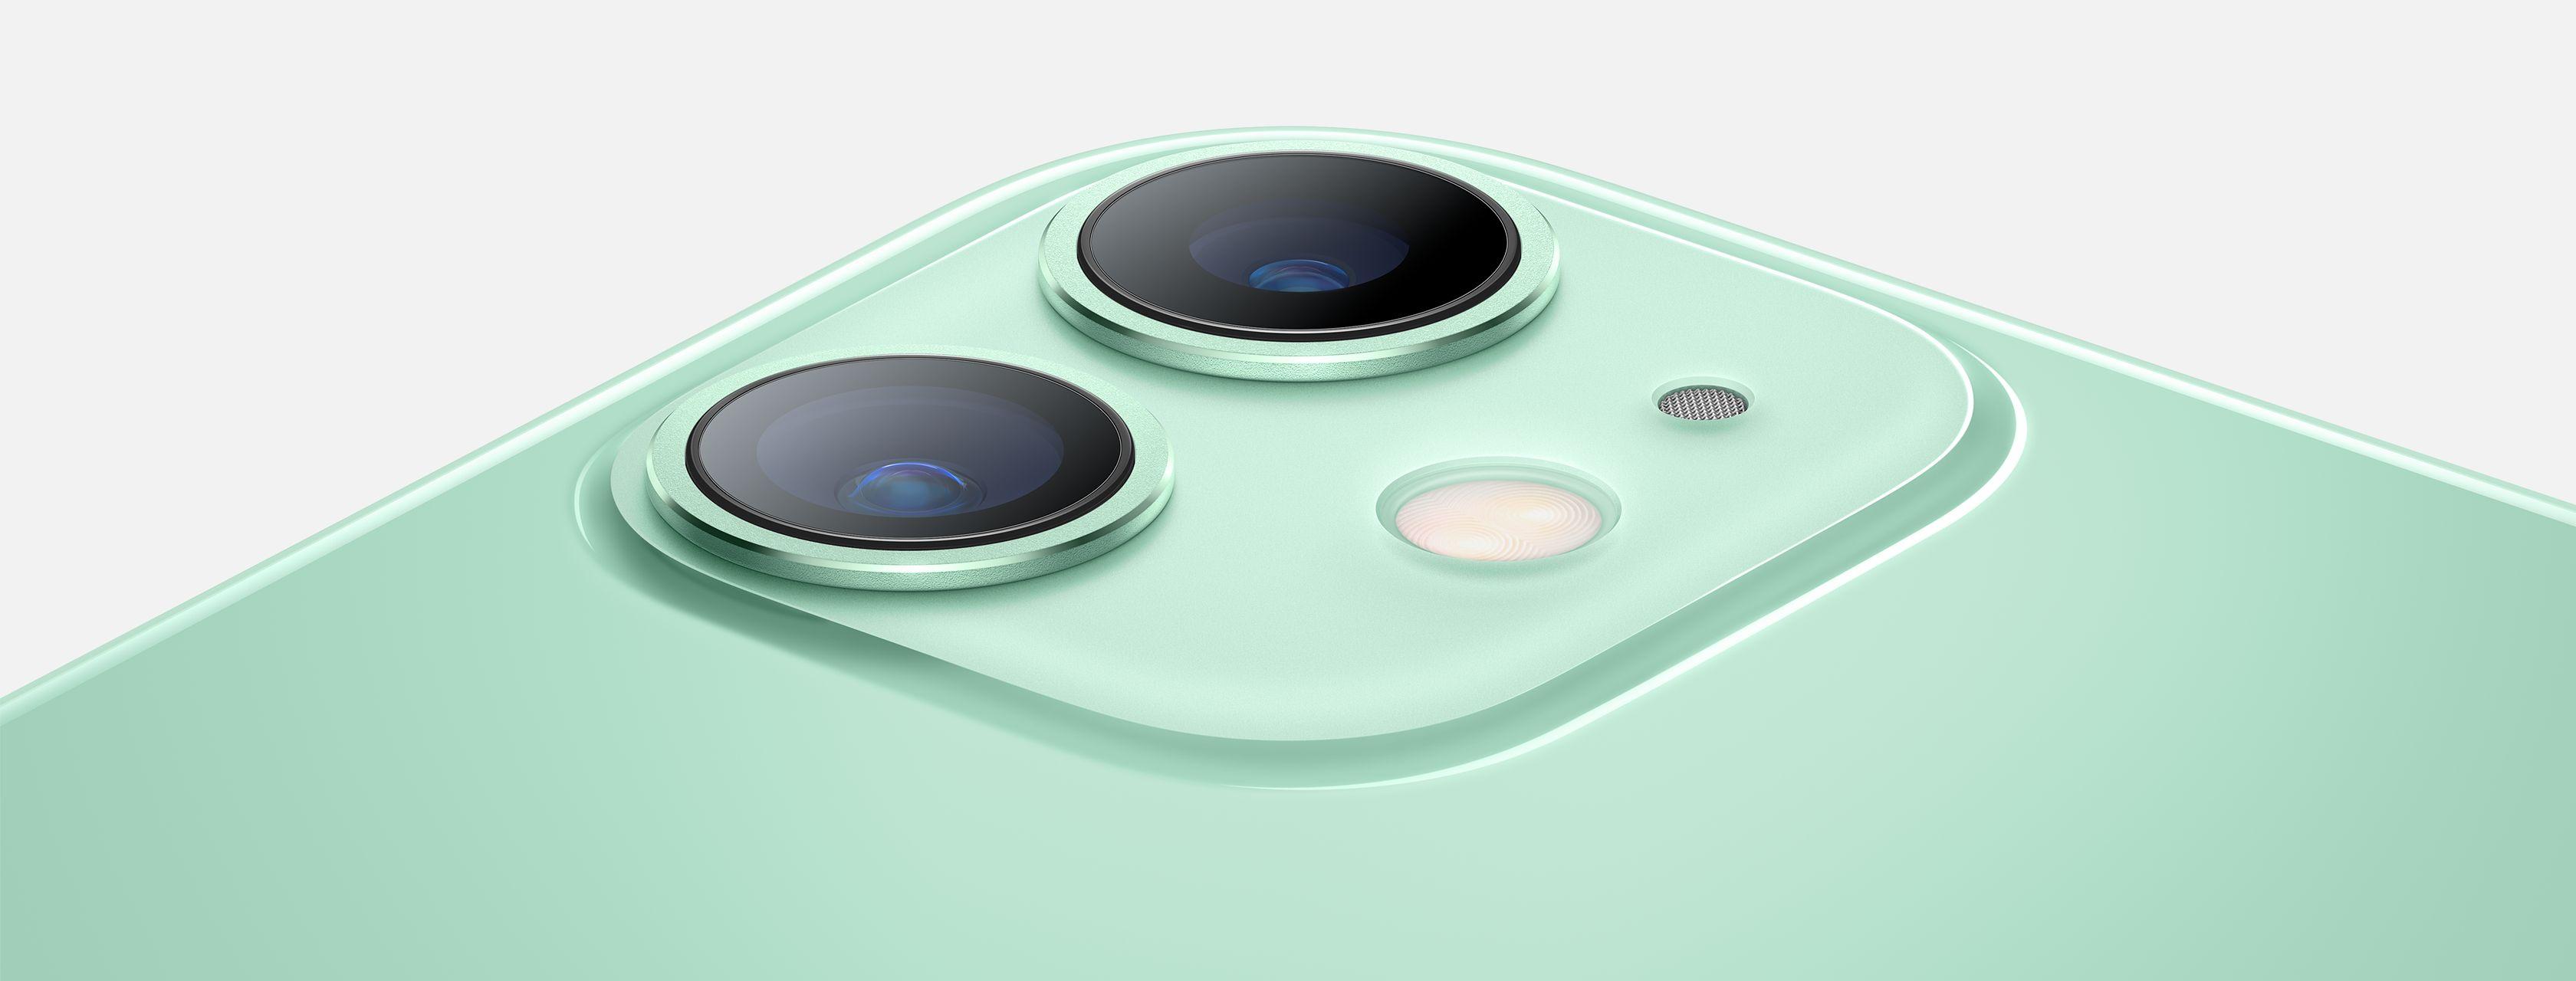 айфон 11 128 зелёный